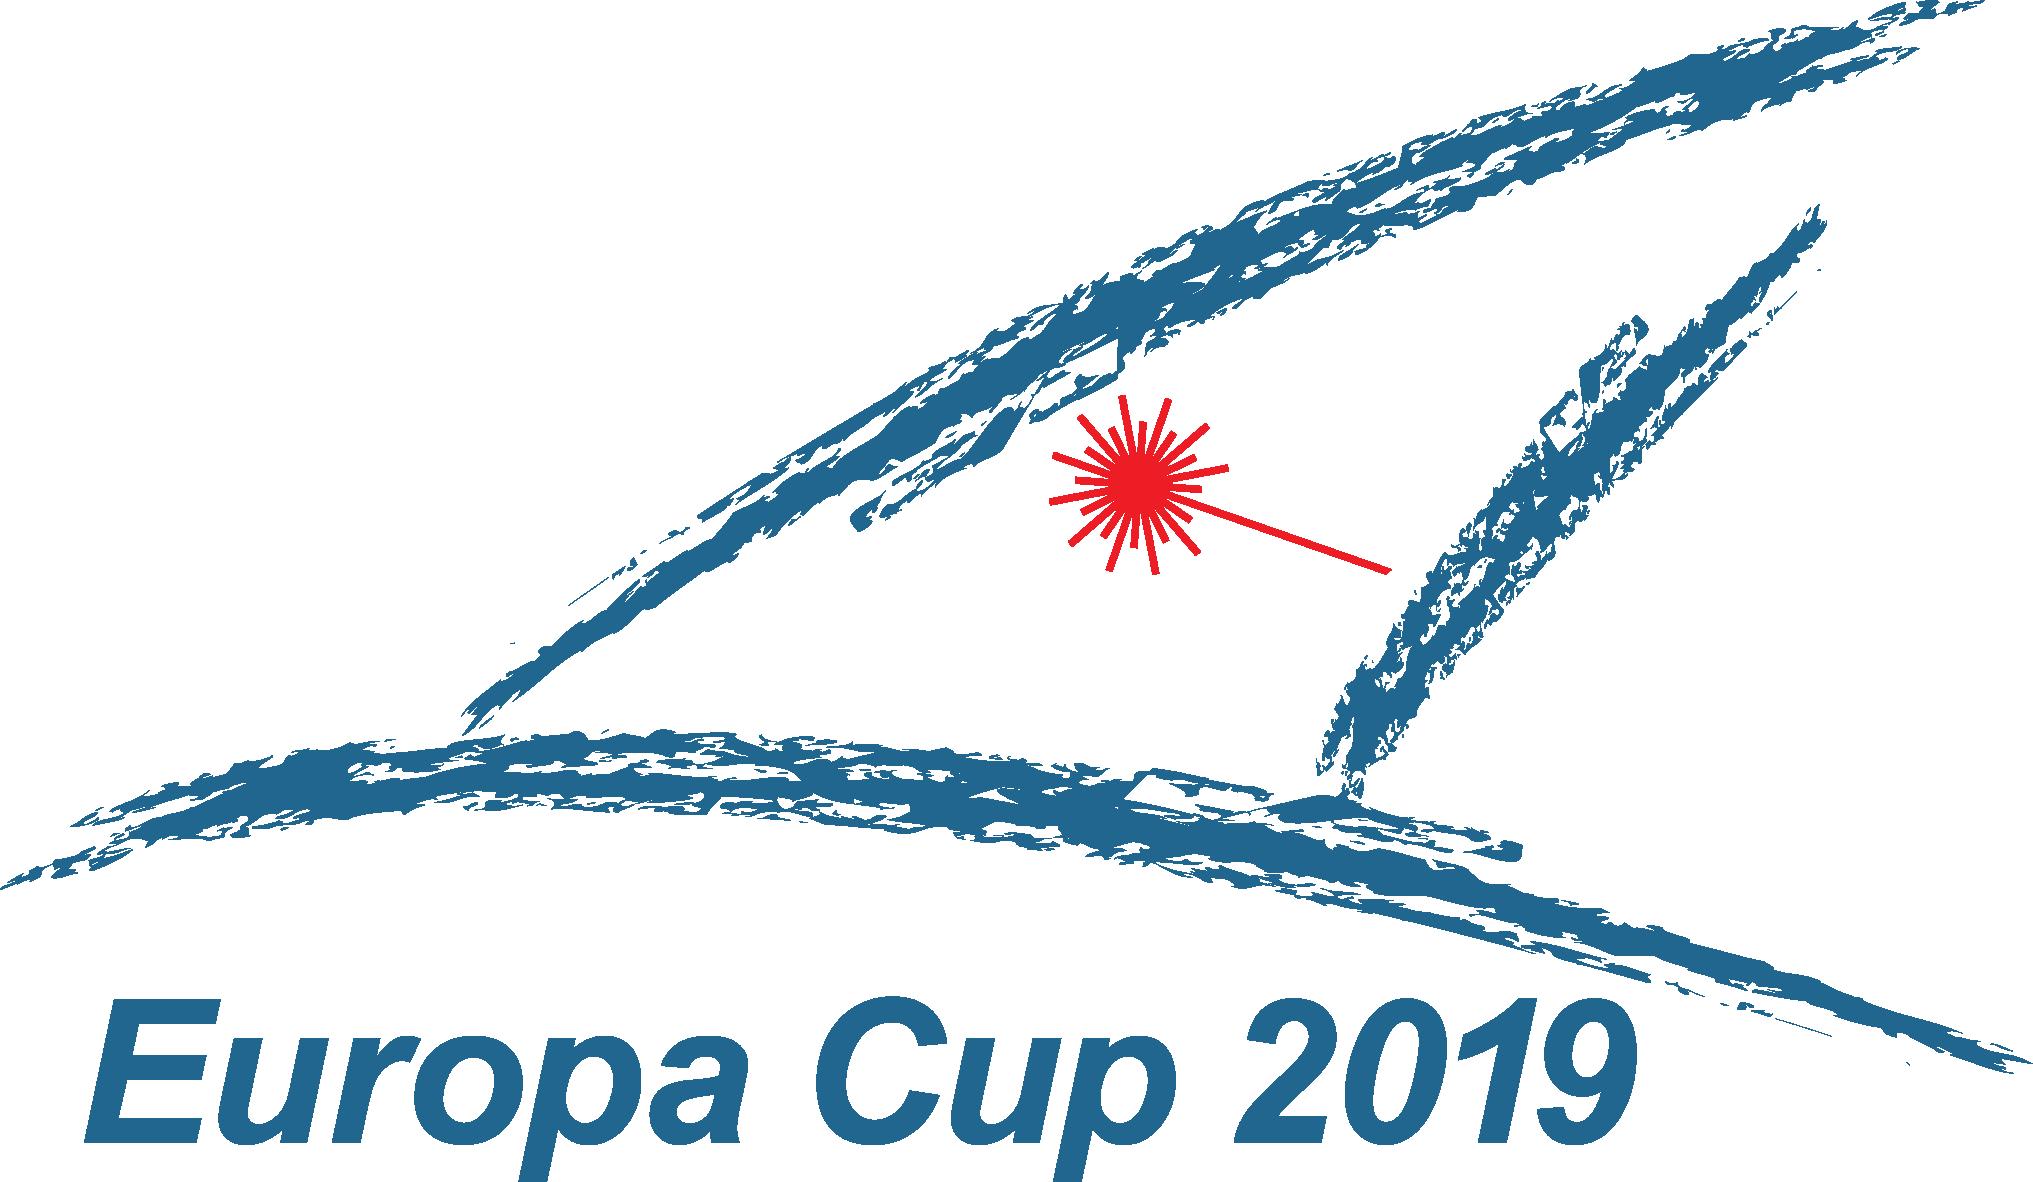 europa cup logo 2019